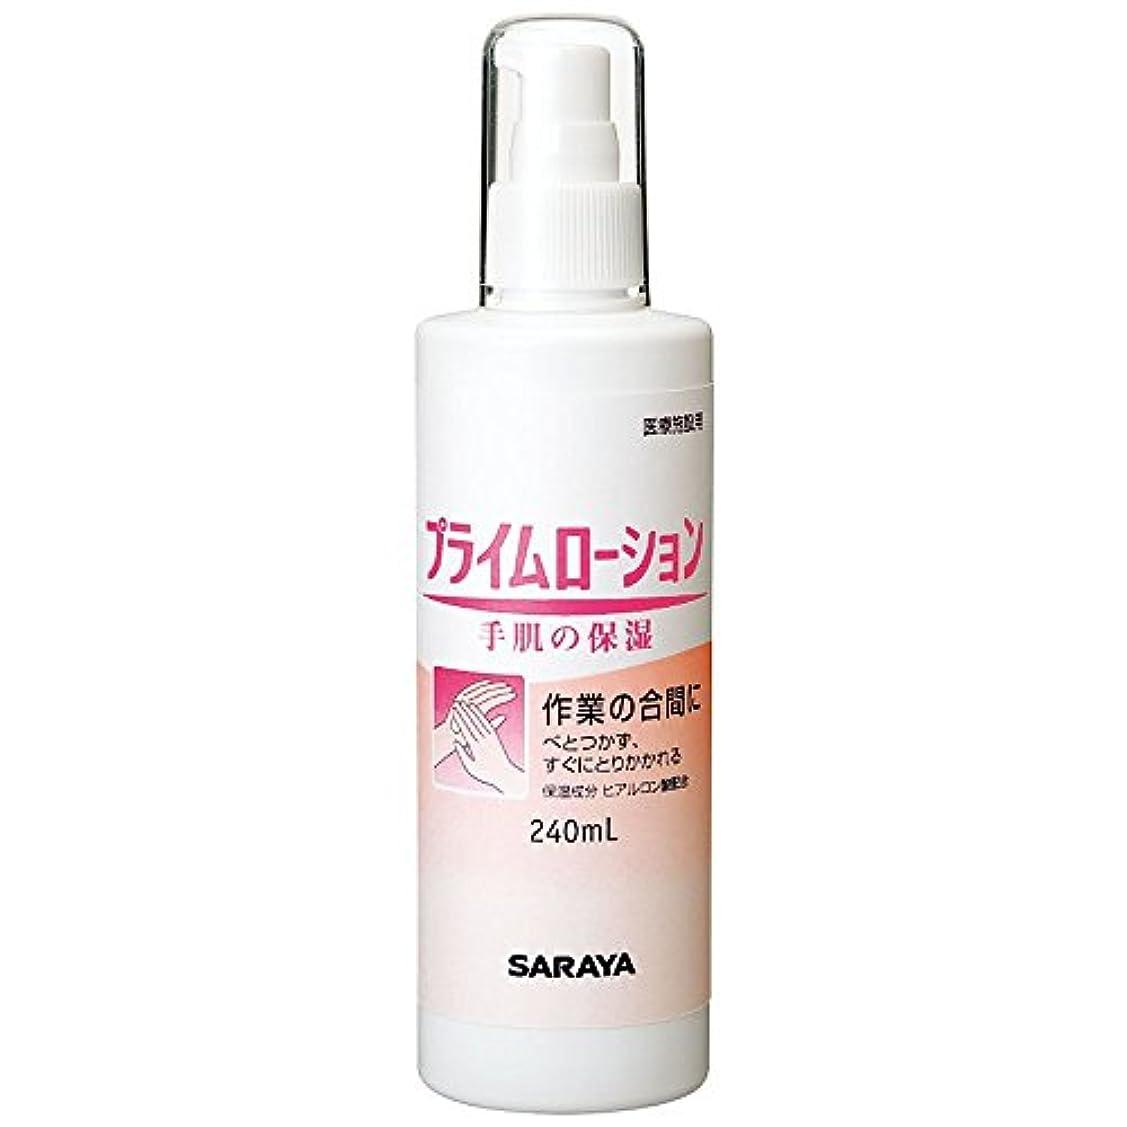 インペリアル補充ベリーサラヤ 乳液 プライムローション 240ml